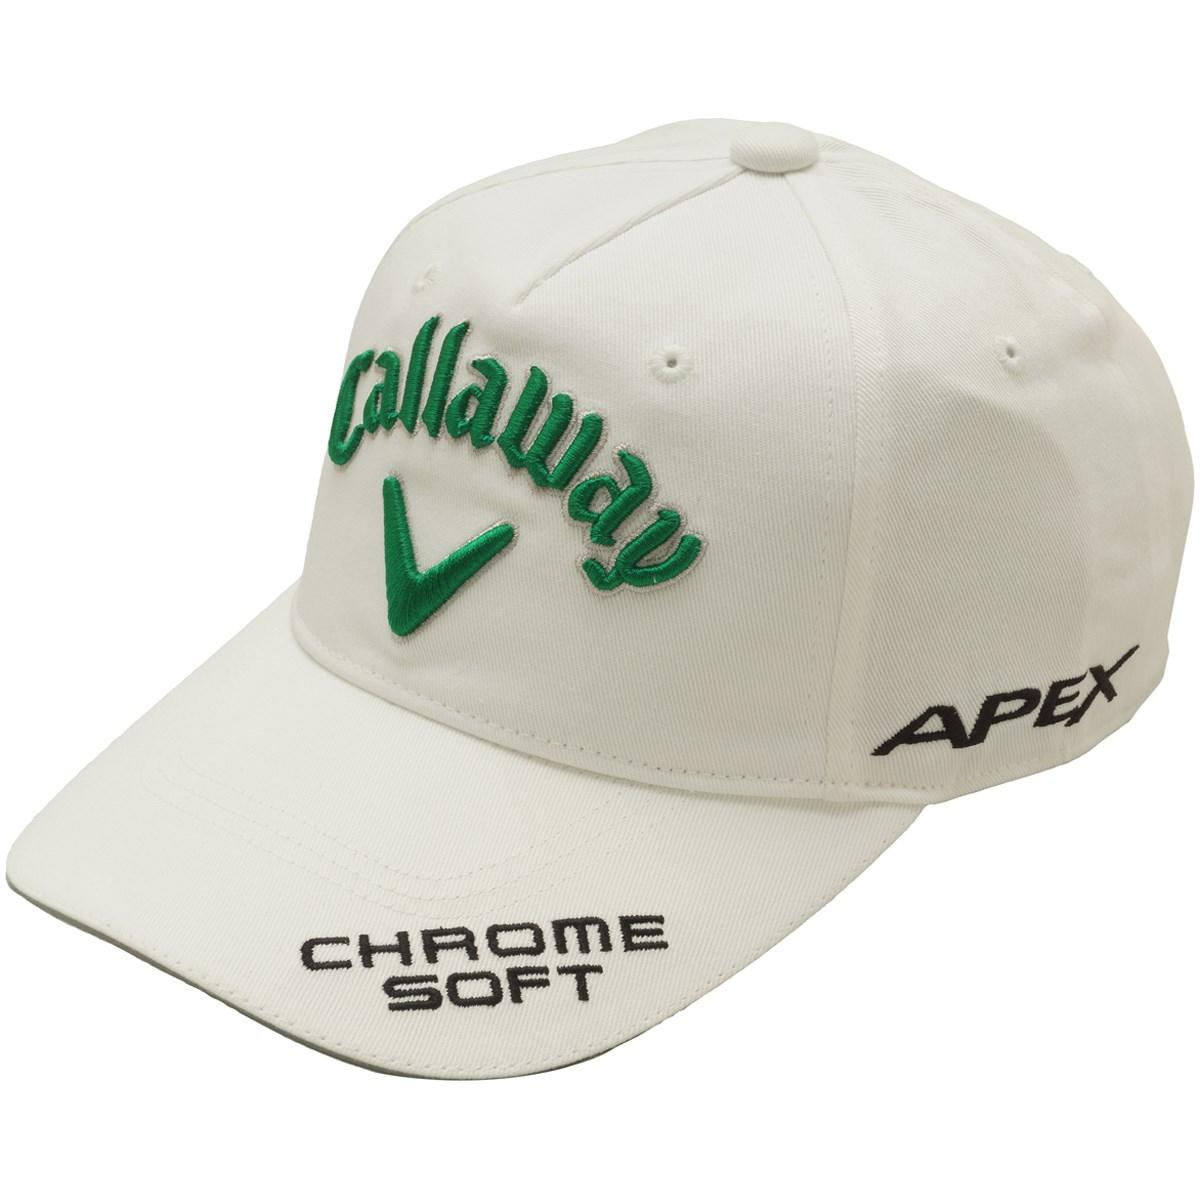 キャロウェイゴルフ(Callaway Golf) ツアー5パネルキャップ